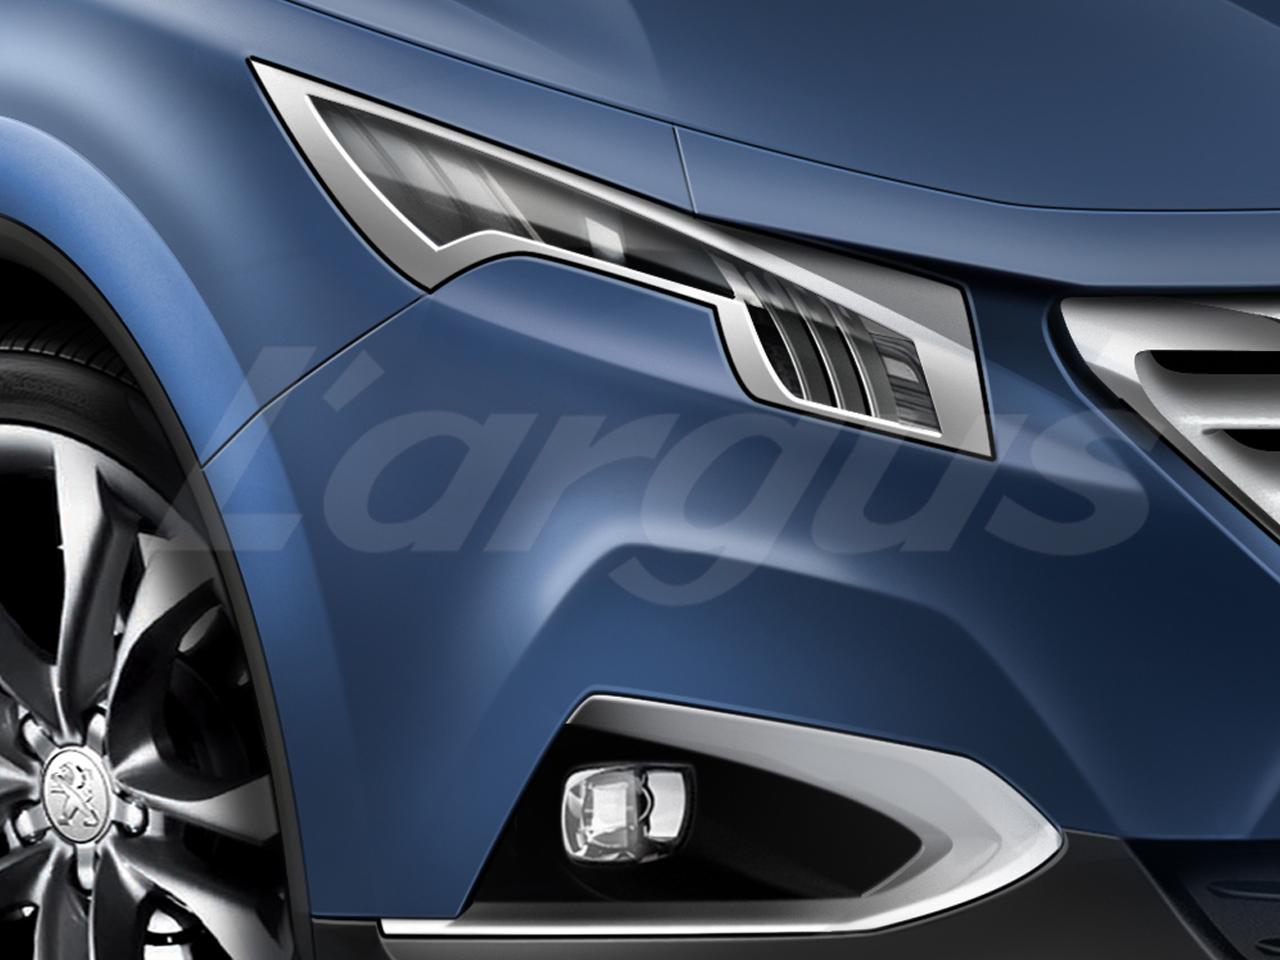 Le futur peugeot 6008 sera produit rennes en 2016 for Peugeot 6008 interieur